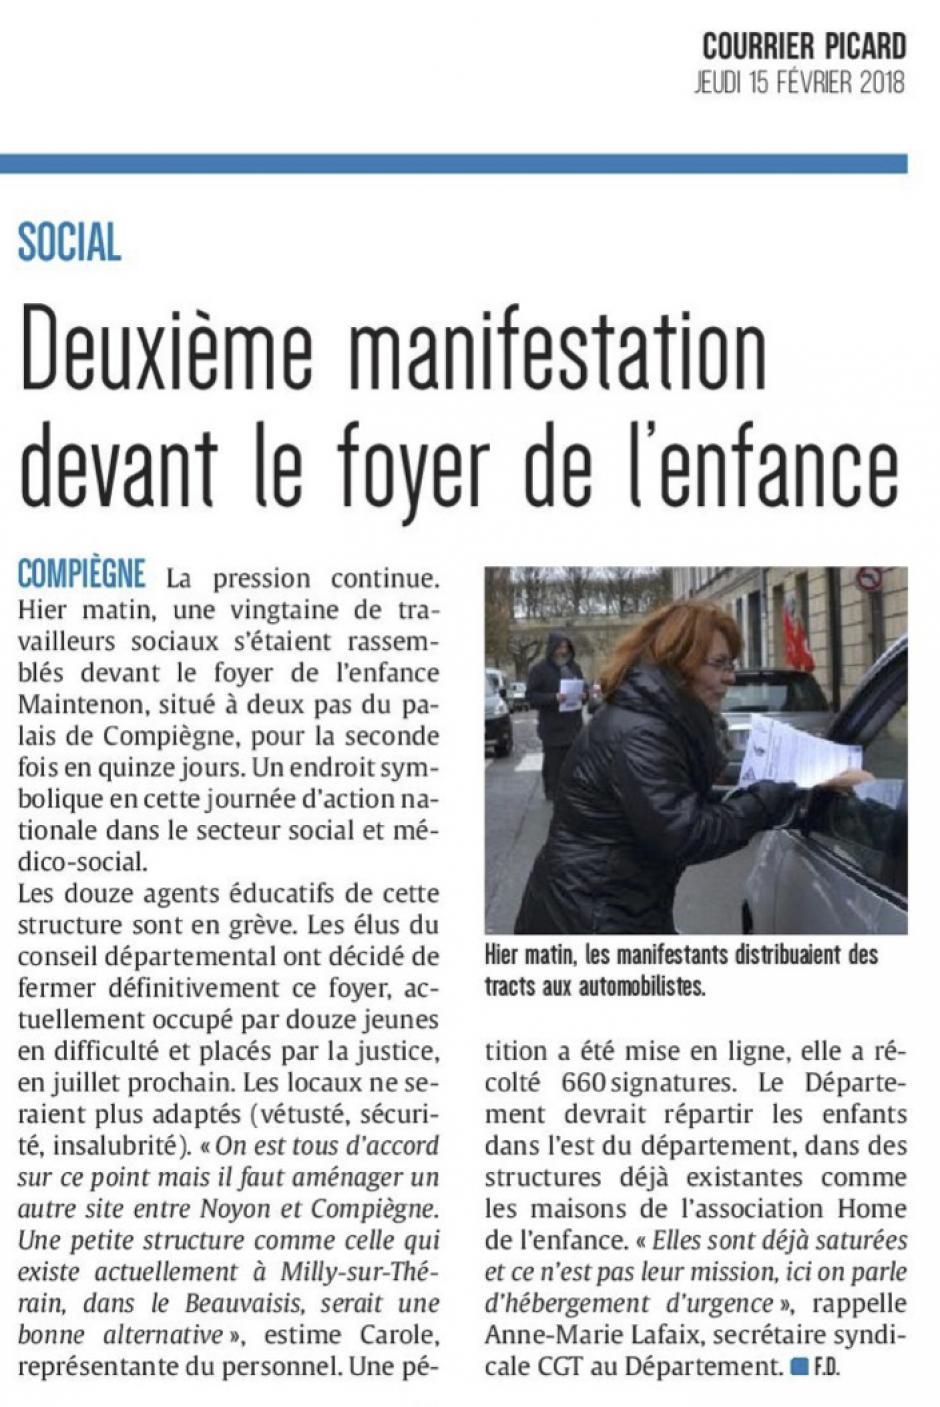 20180215-CP-Compiègne-Deuxième manifestation devant le foyer de l'enfance